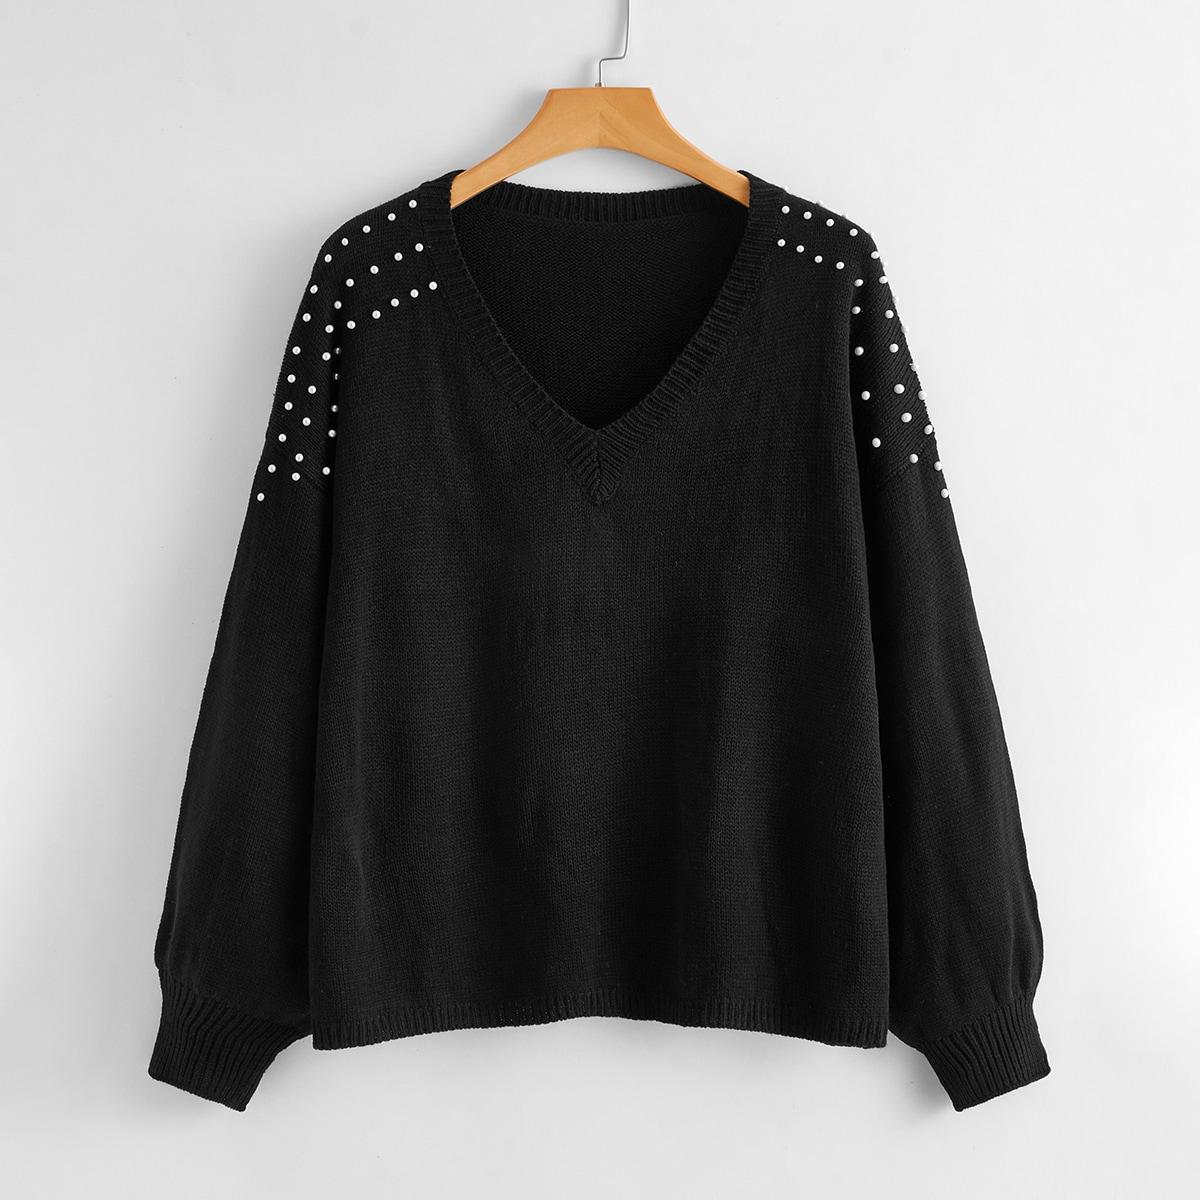 Однотонный свитер размера плюс с бусинами